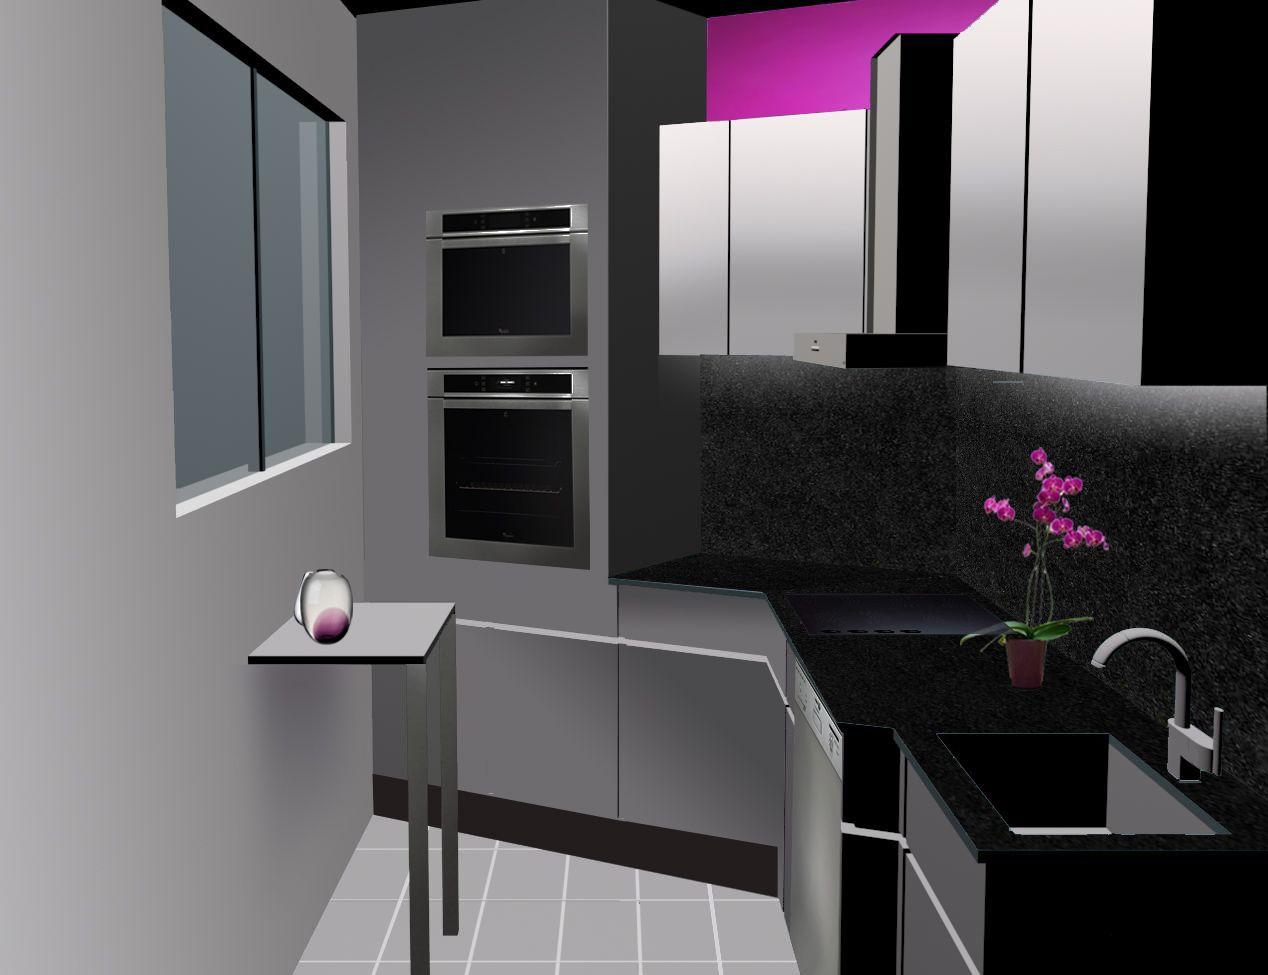 PERS,2 1 268 × 975 pixels · CuisinerAmenagement Petit EspaceDecoration  CuisineIkeaAtelier